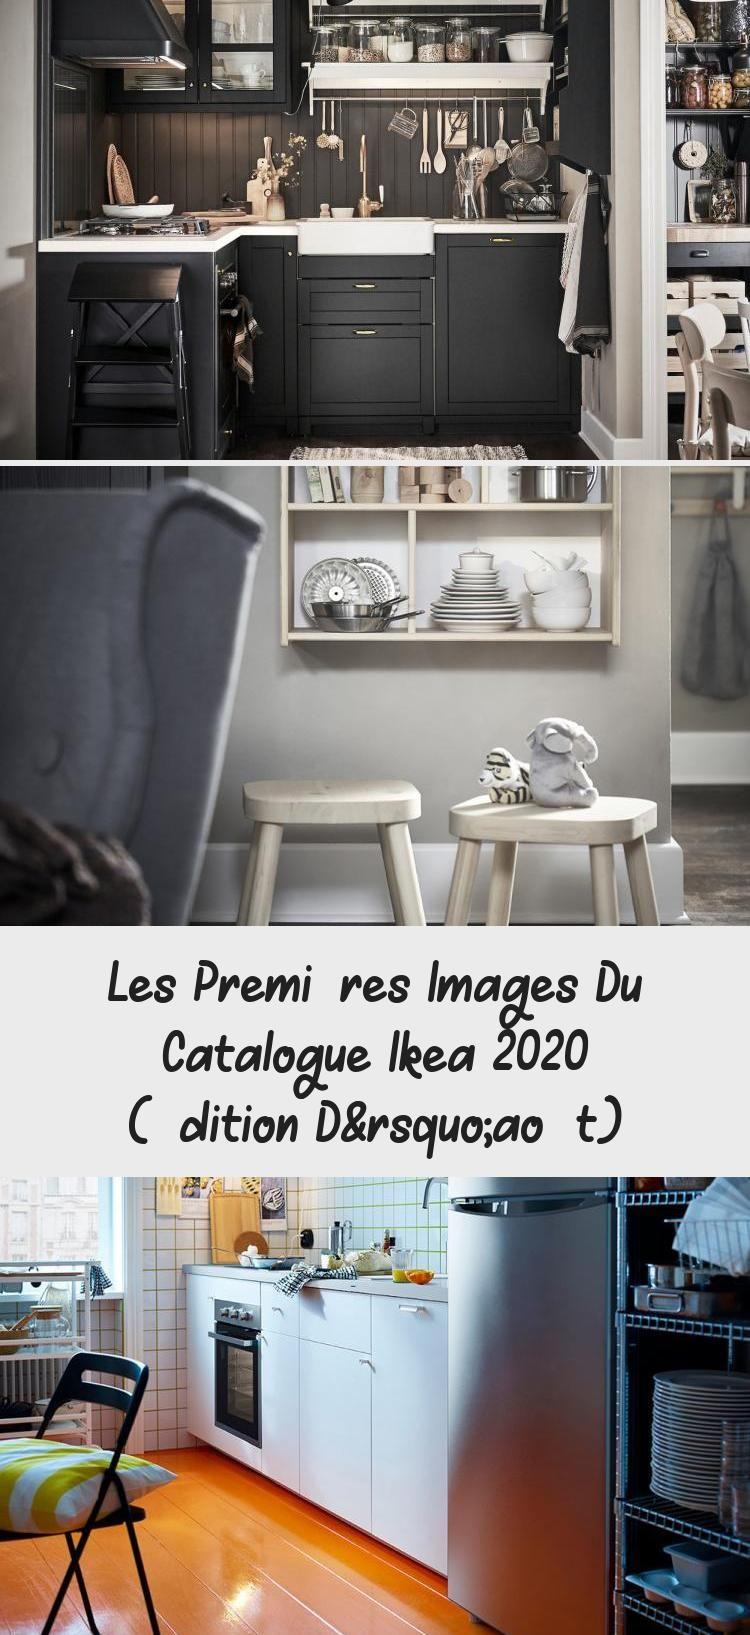 Les Premières Images Du Catalogue Ikea 2020 (édition D